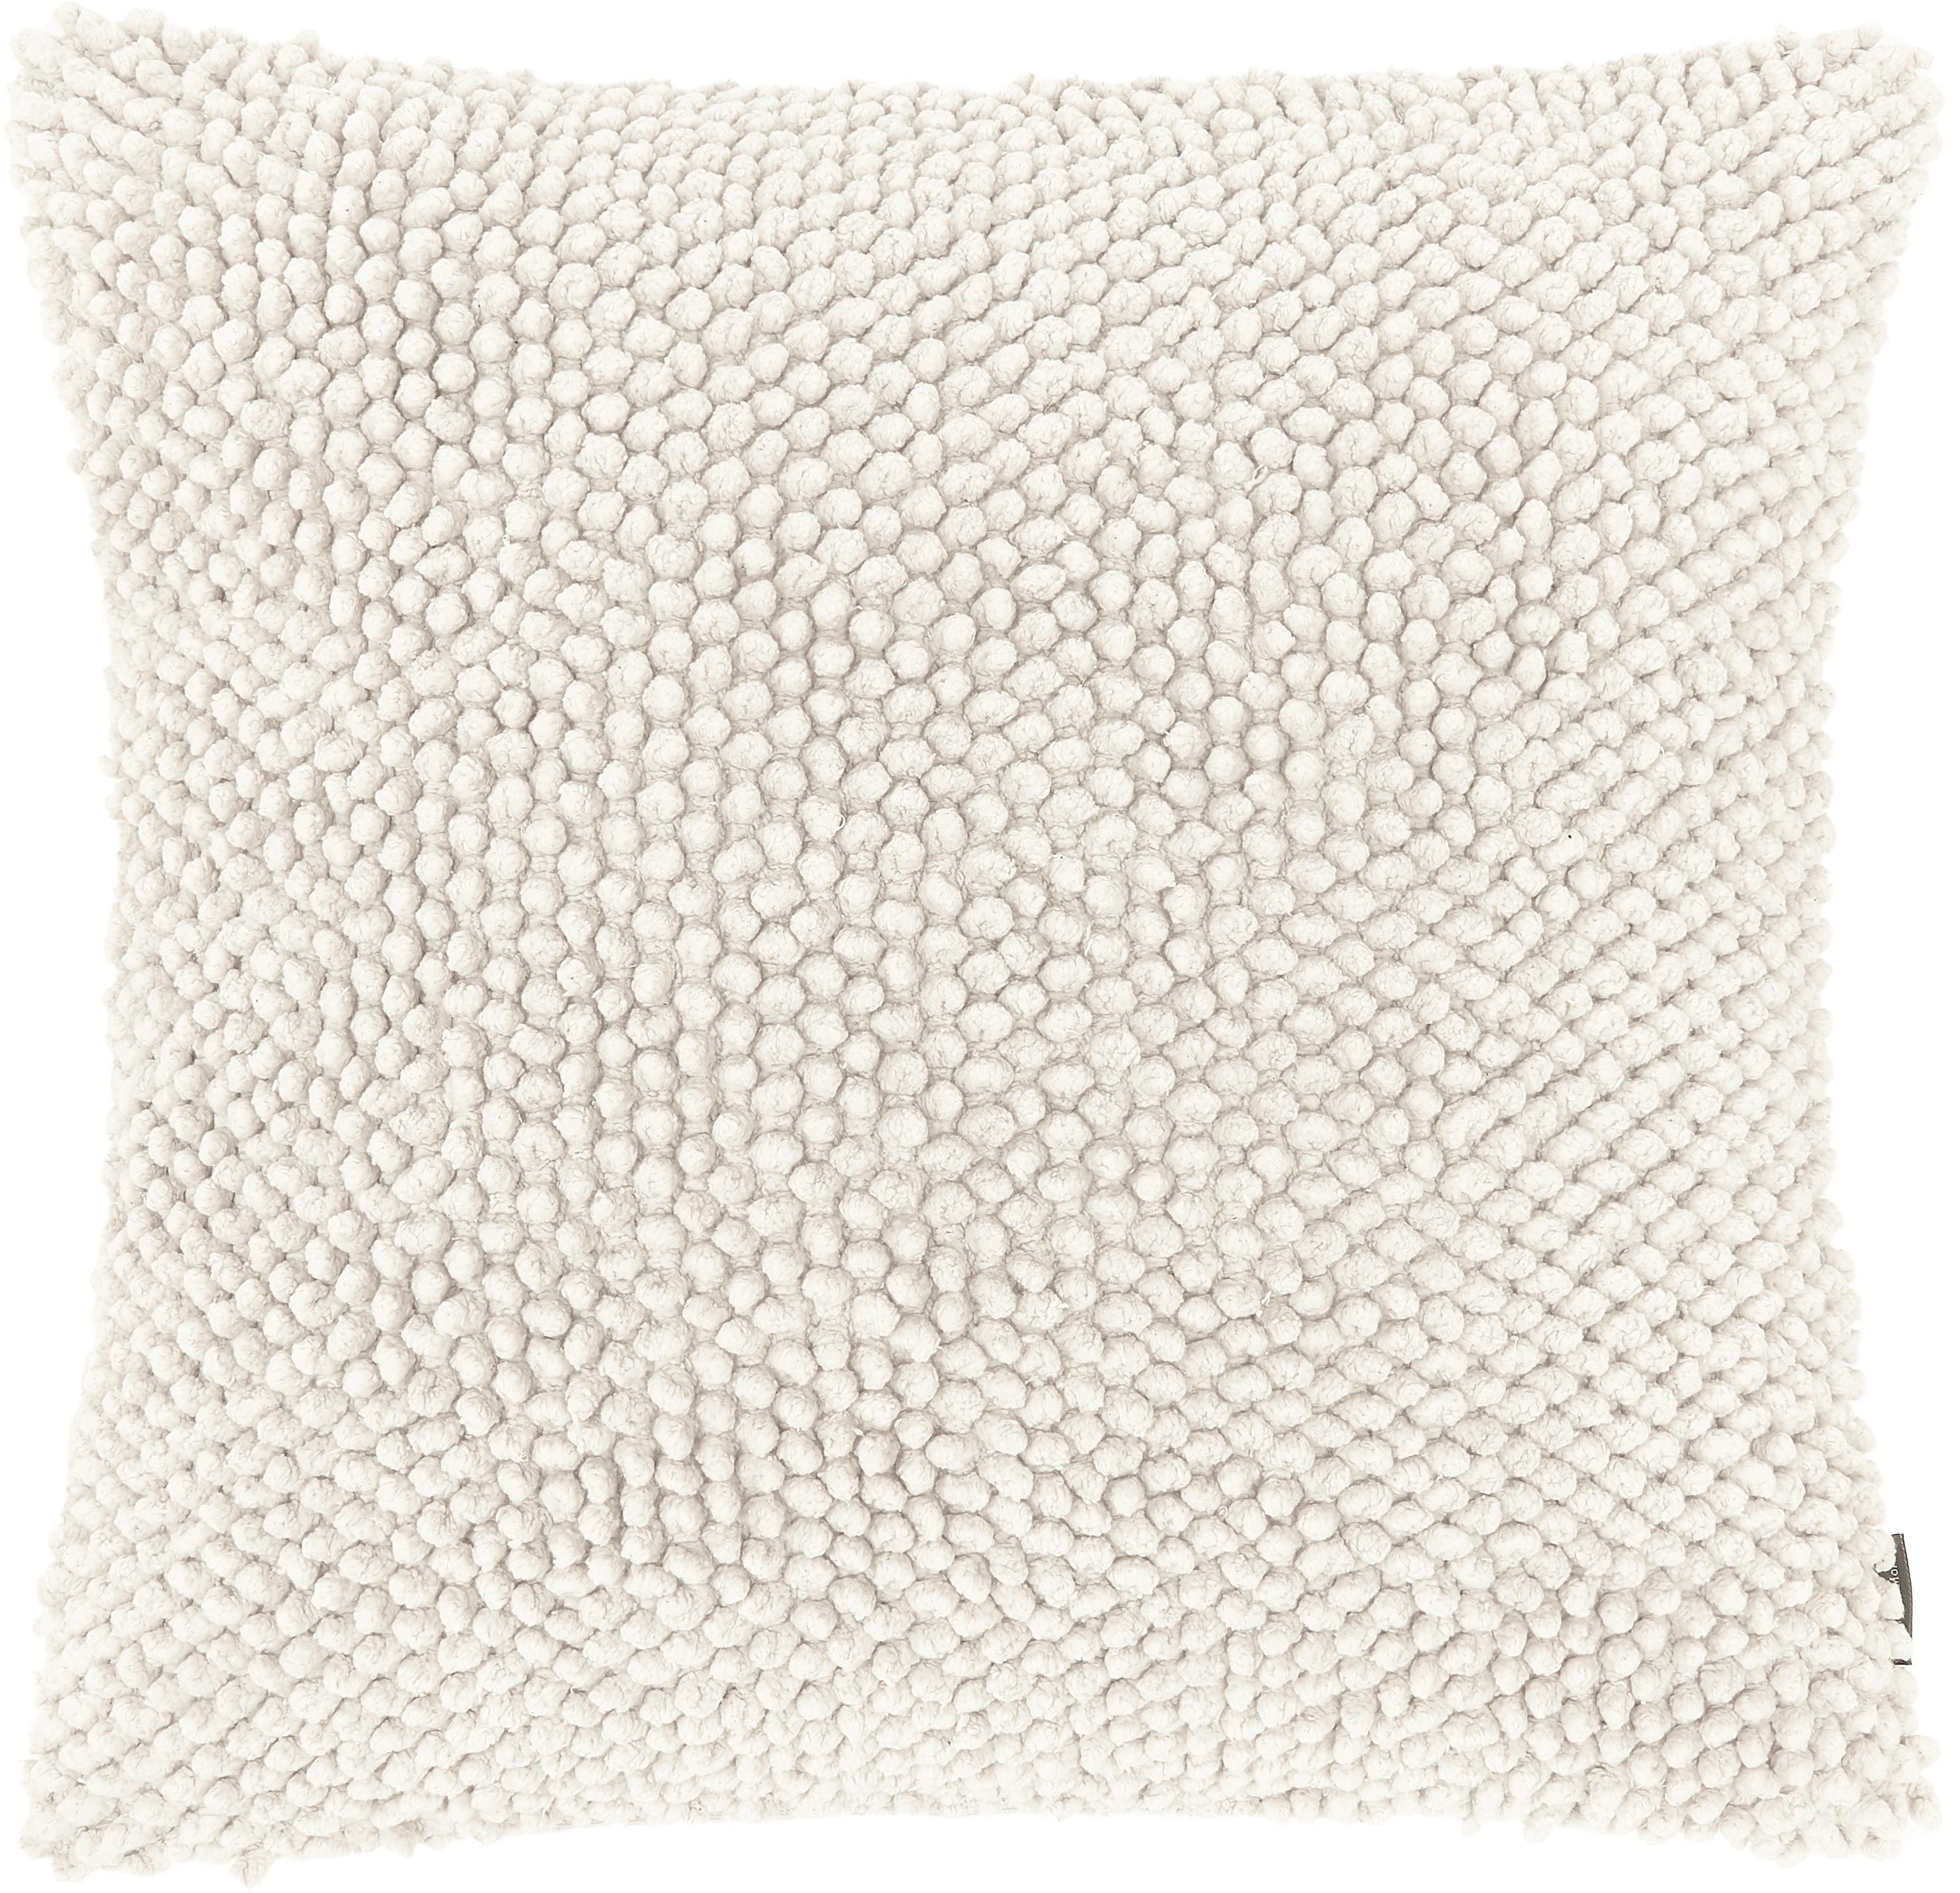 Kissenhülle Indi mit strukturierter Oberfläche in Cremeweiss, 100% Baumwolle, Gebrochenes Weiss, 45 x 45 cm